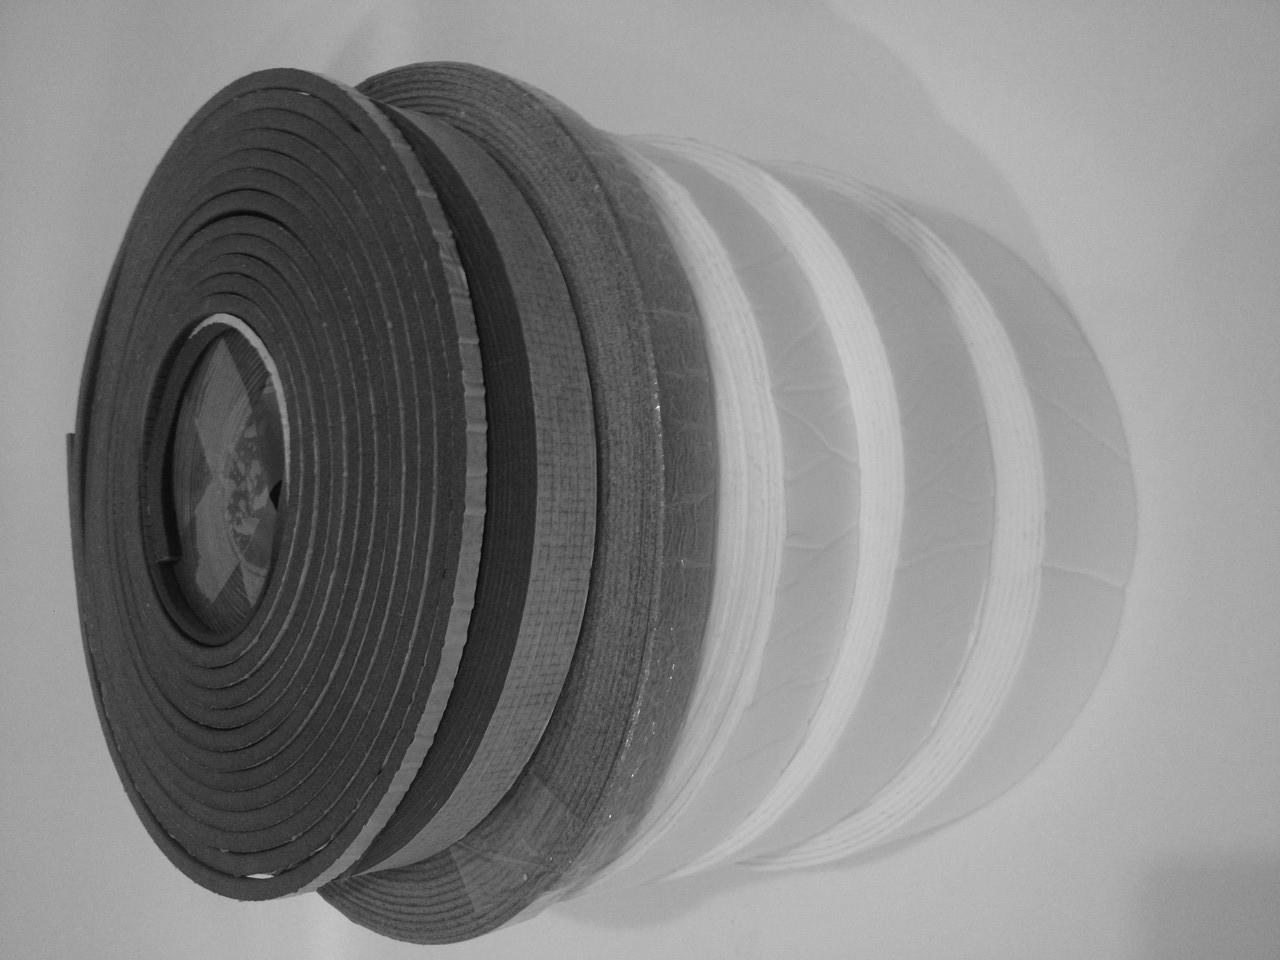 Звукоизоляционная самоклеющаяся лента ППЭ (Дихтунг) толщина 3 мм (70 мм*30 м)